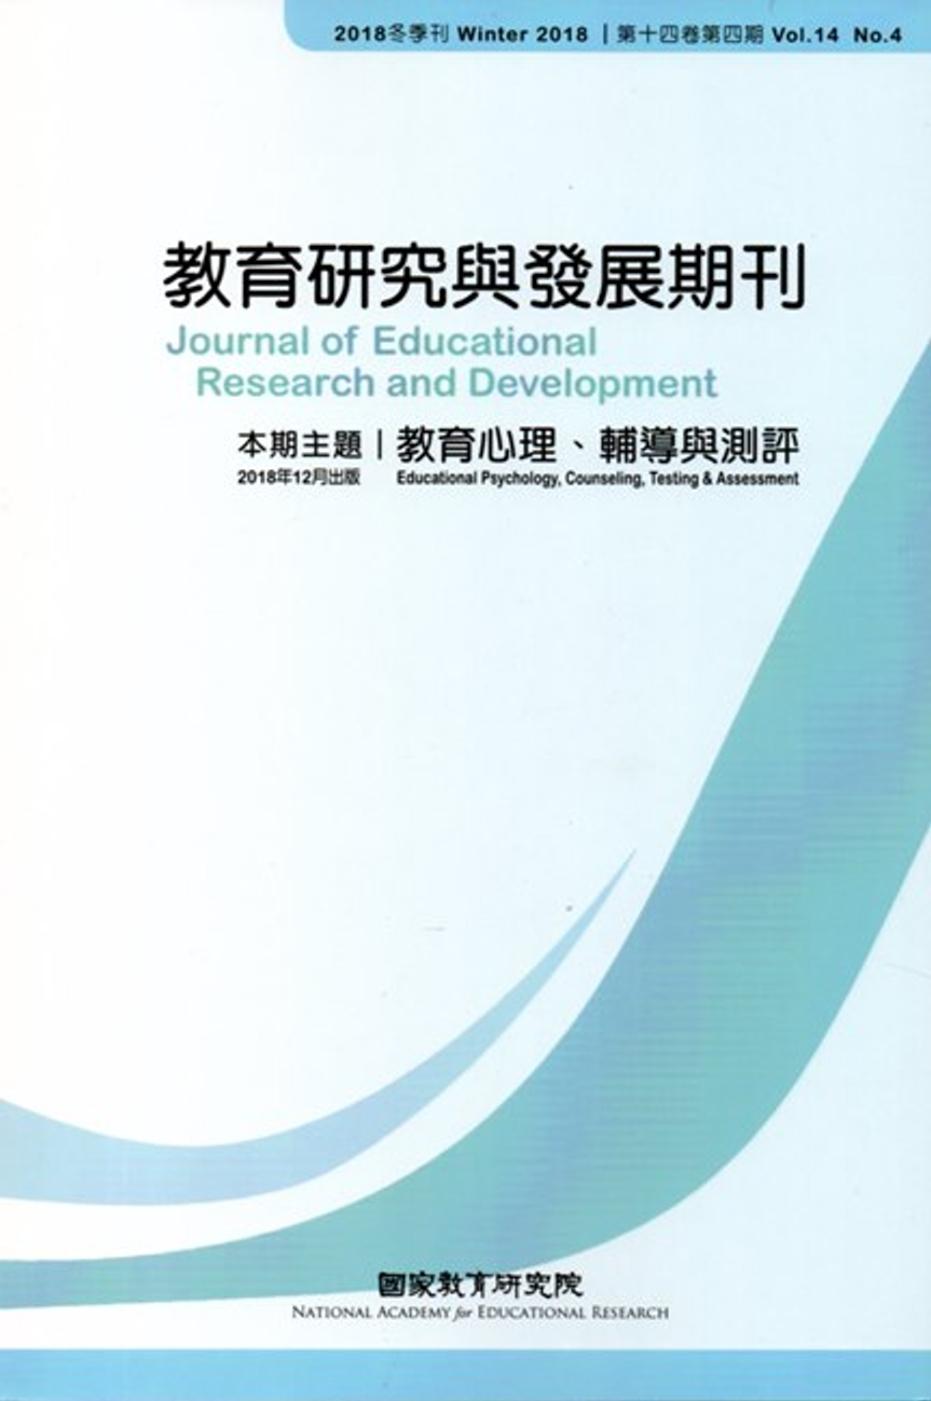 教育研究與發展期刊第14卷4期(107年冬季刊)